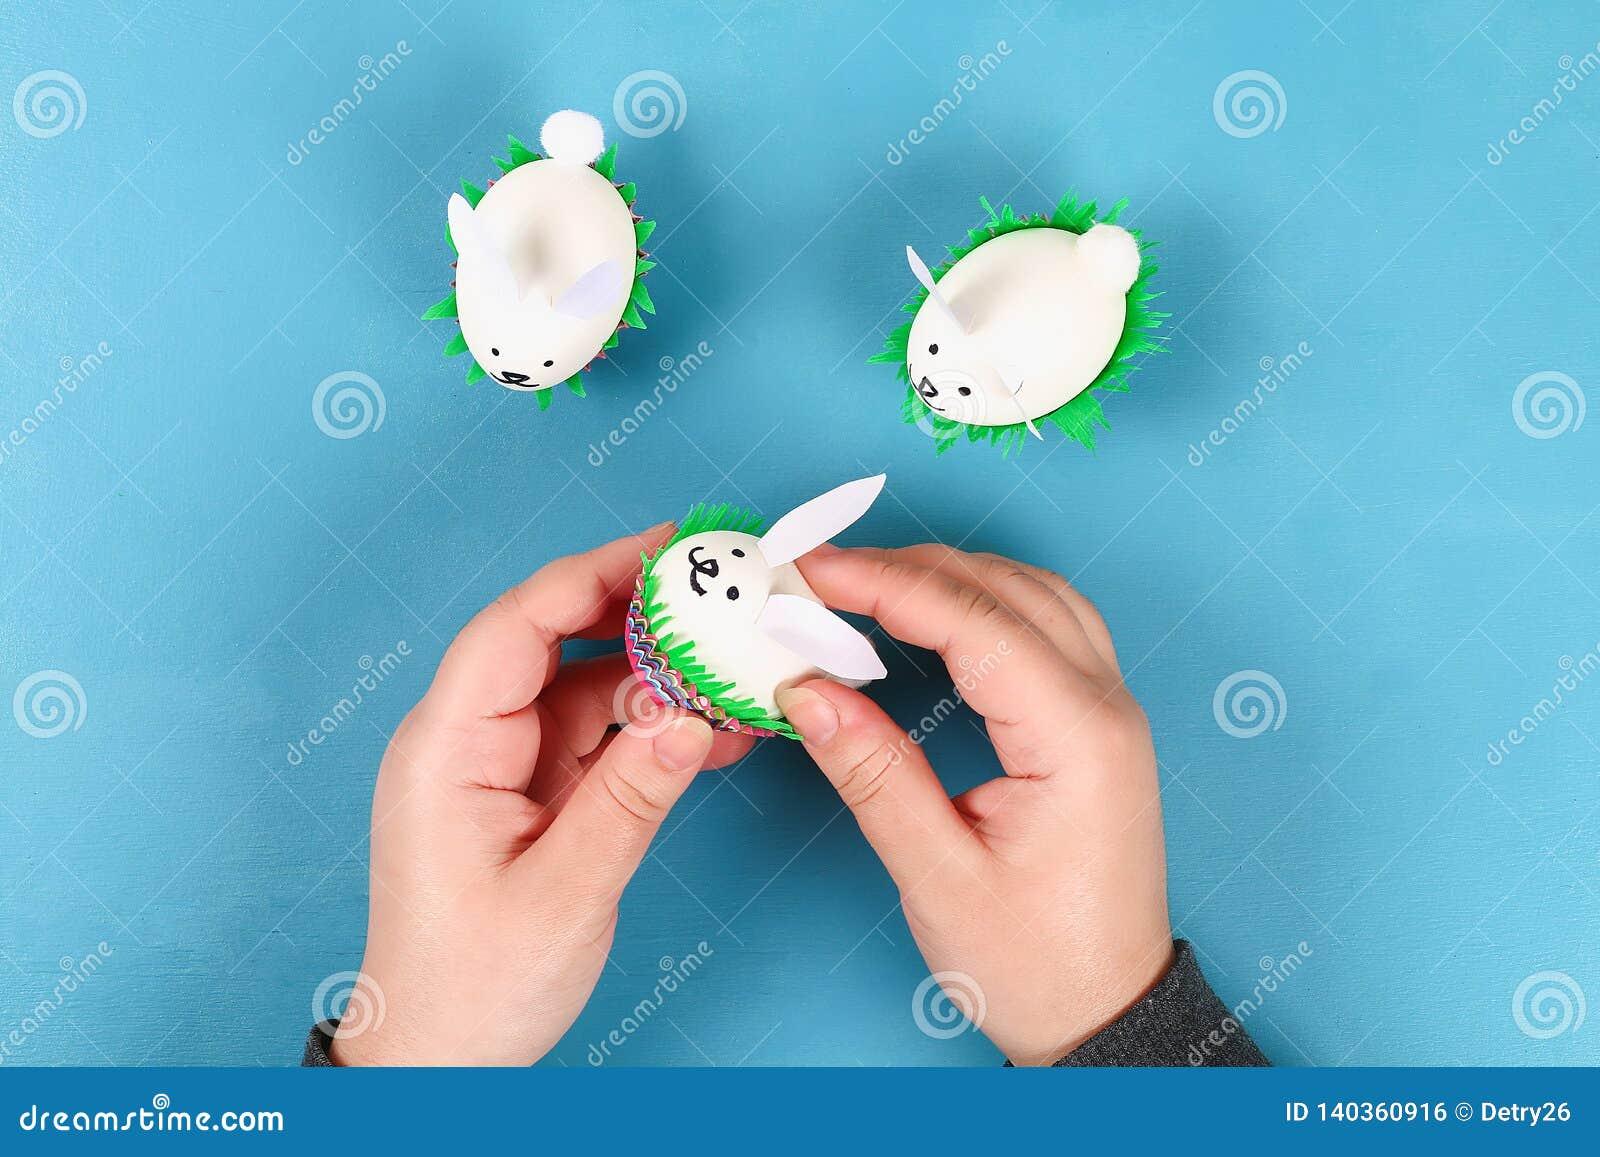 Diy-Kaninchen von Ostereiern auf blauem Hintergrund Geschenkideen, Dekor Ostern, Frühling handmade